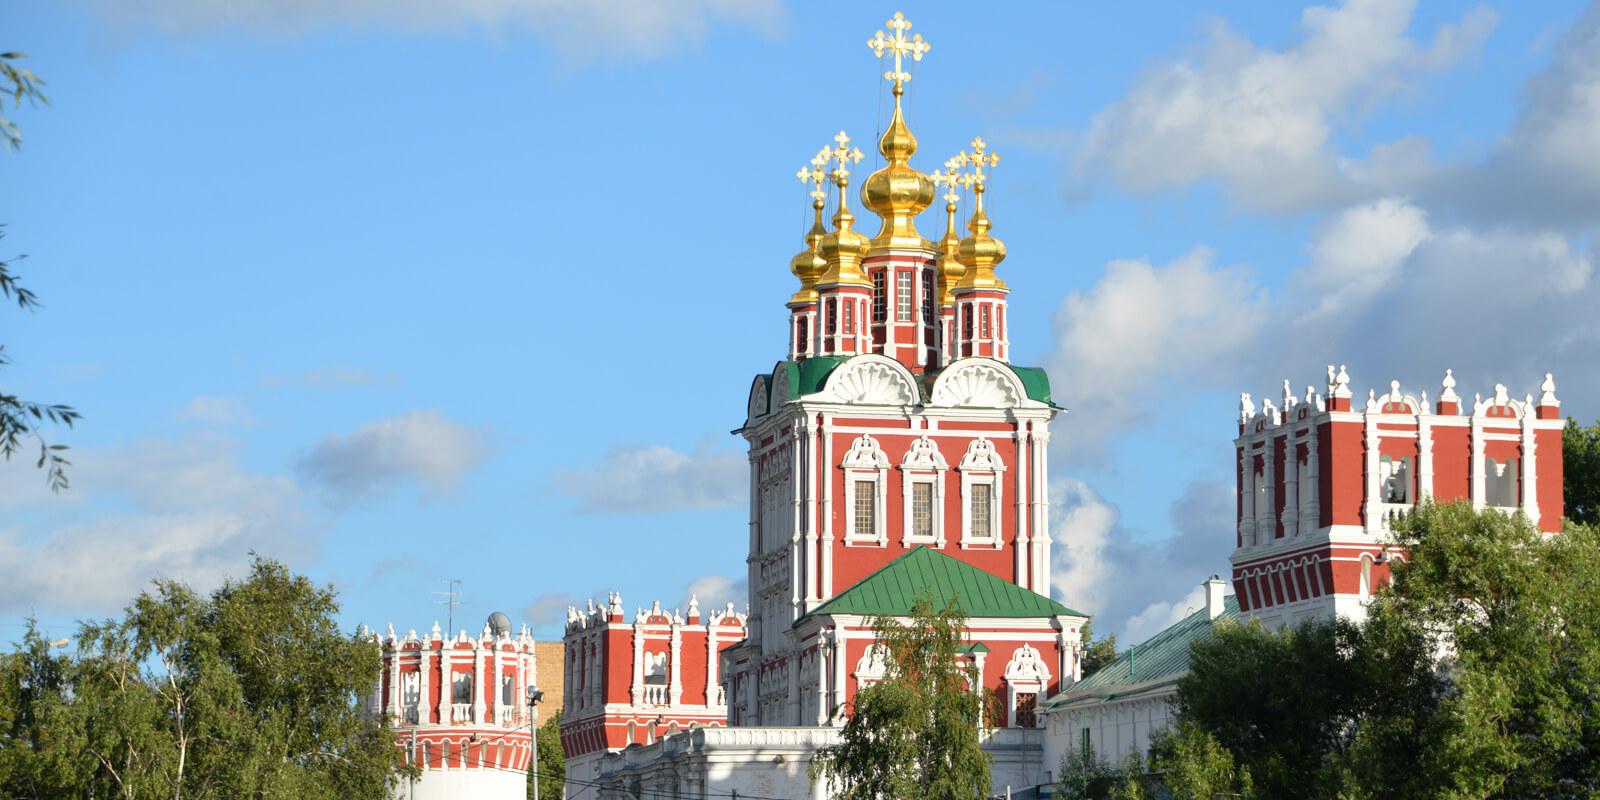 Окрестности новодевичьего монастыря фото 5